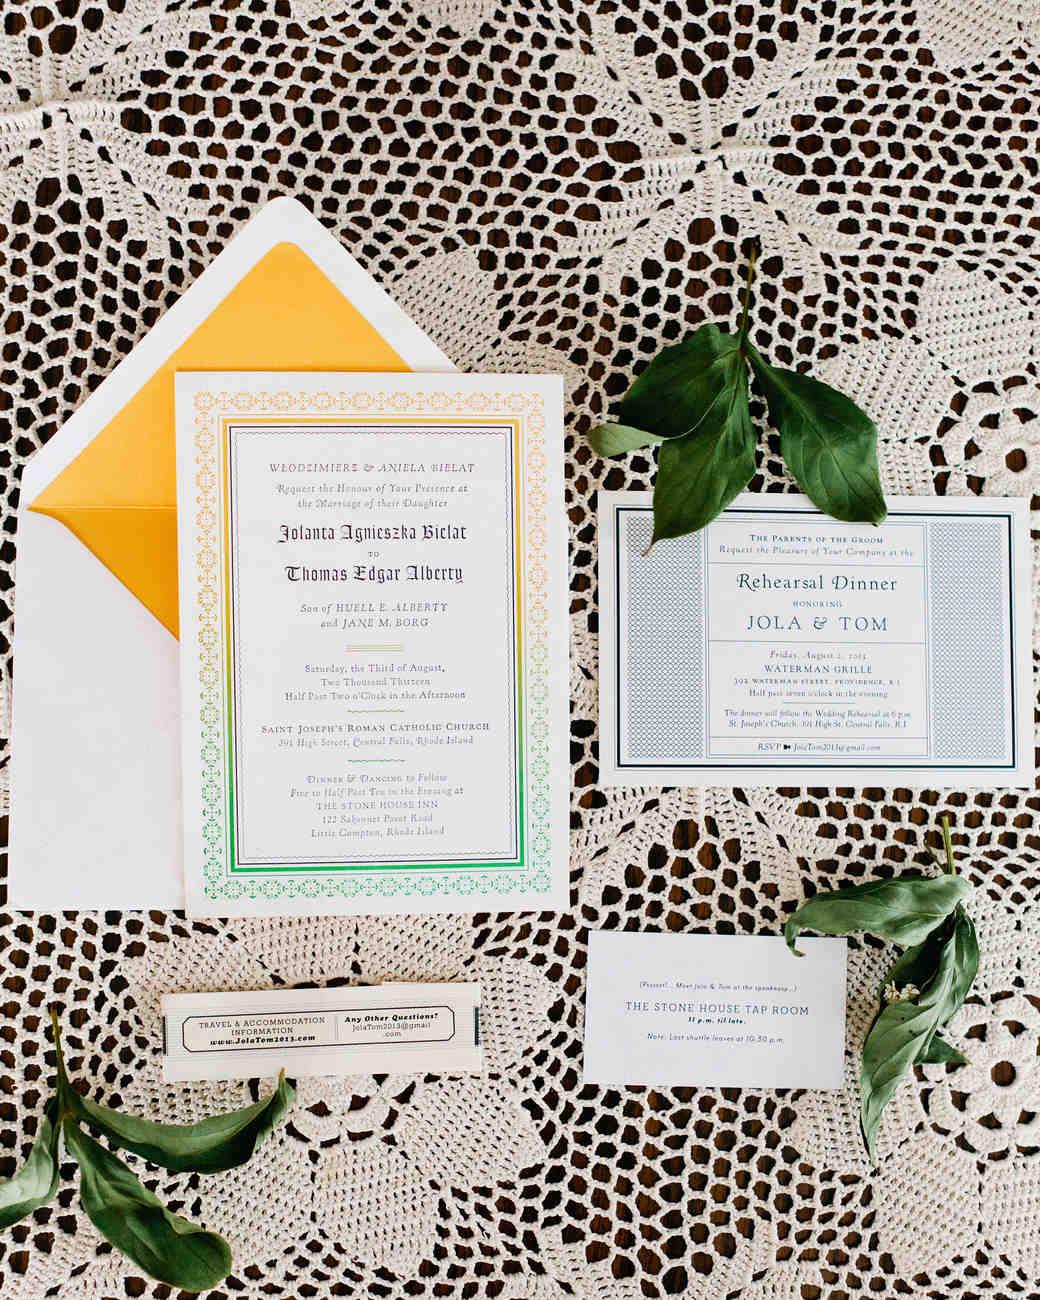 jola-tom-wedding-invite-0614.jpg